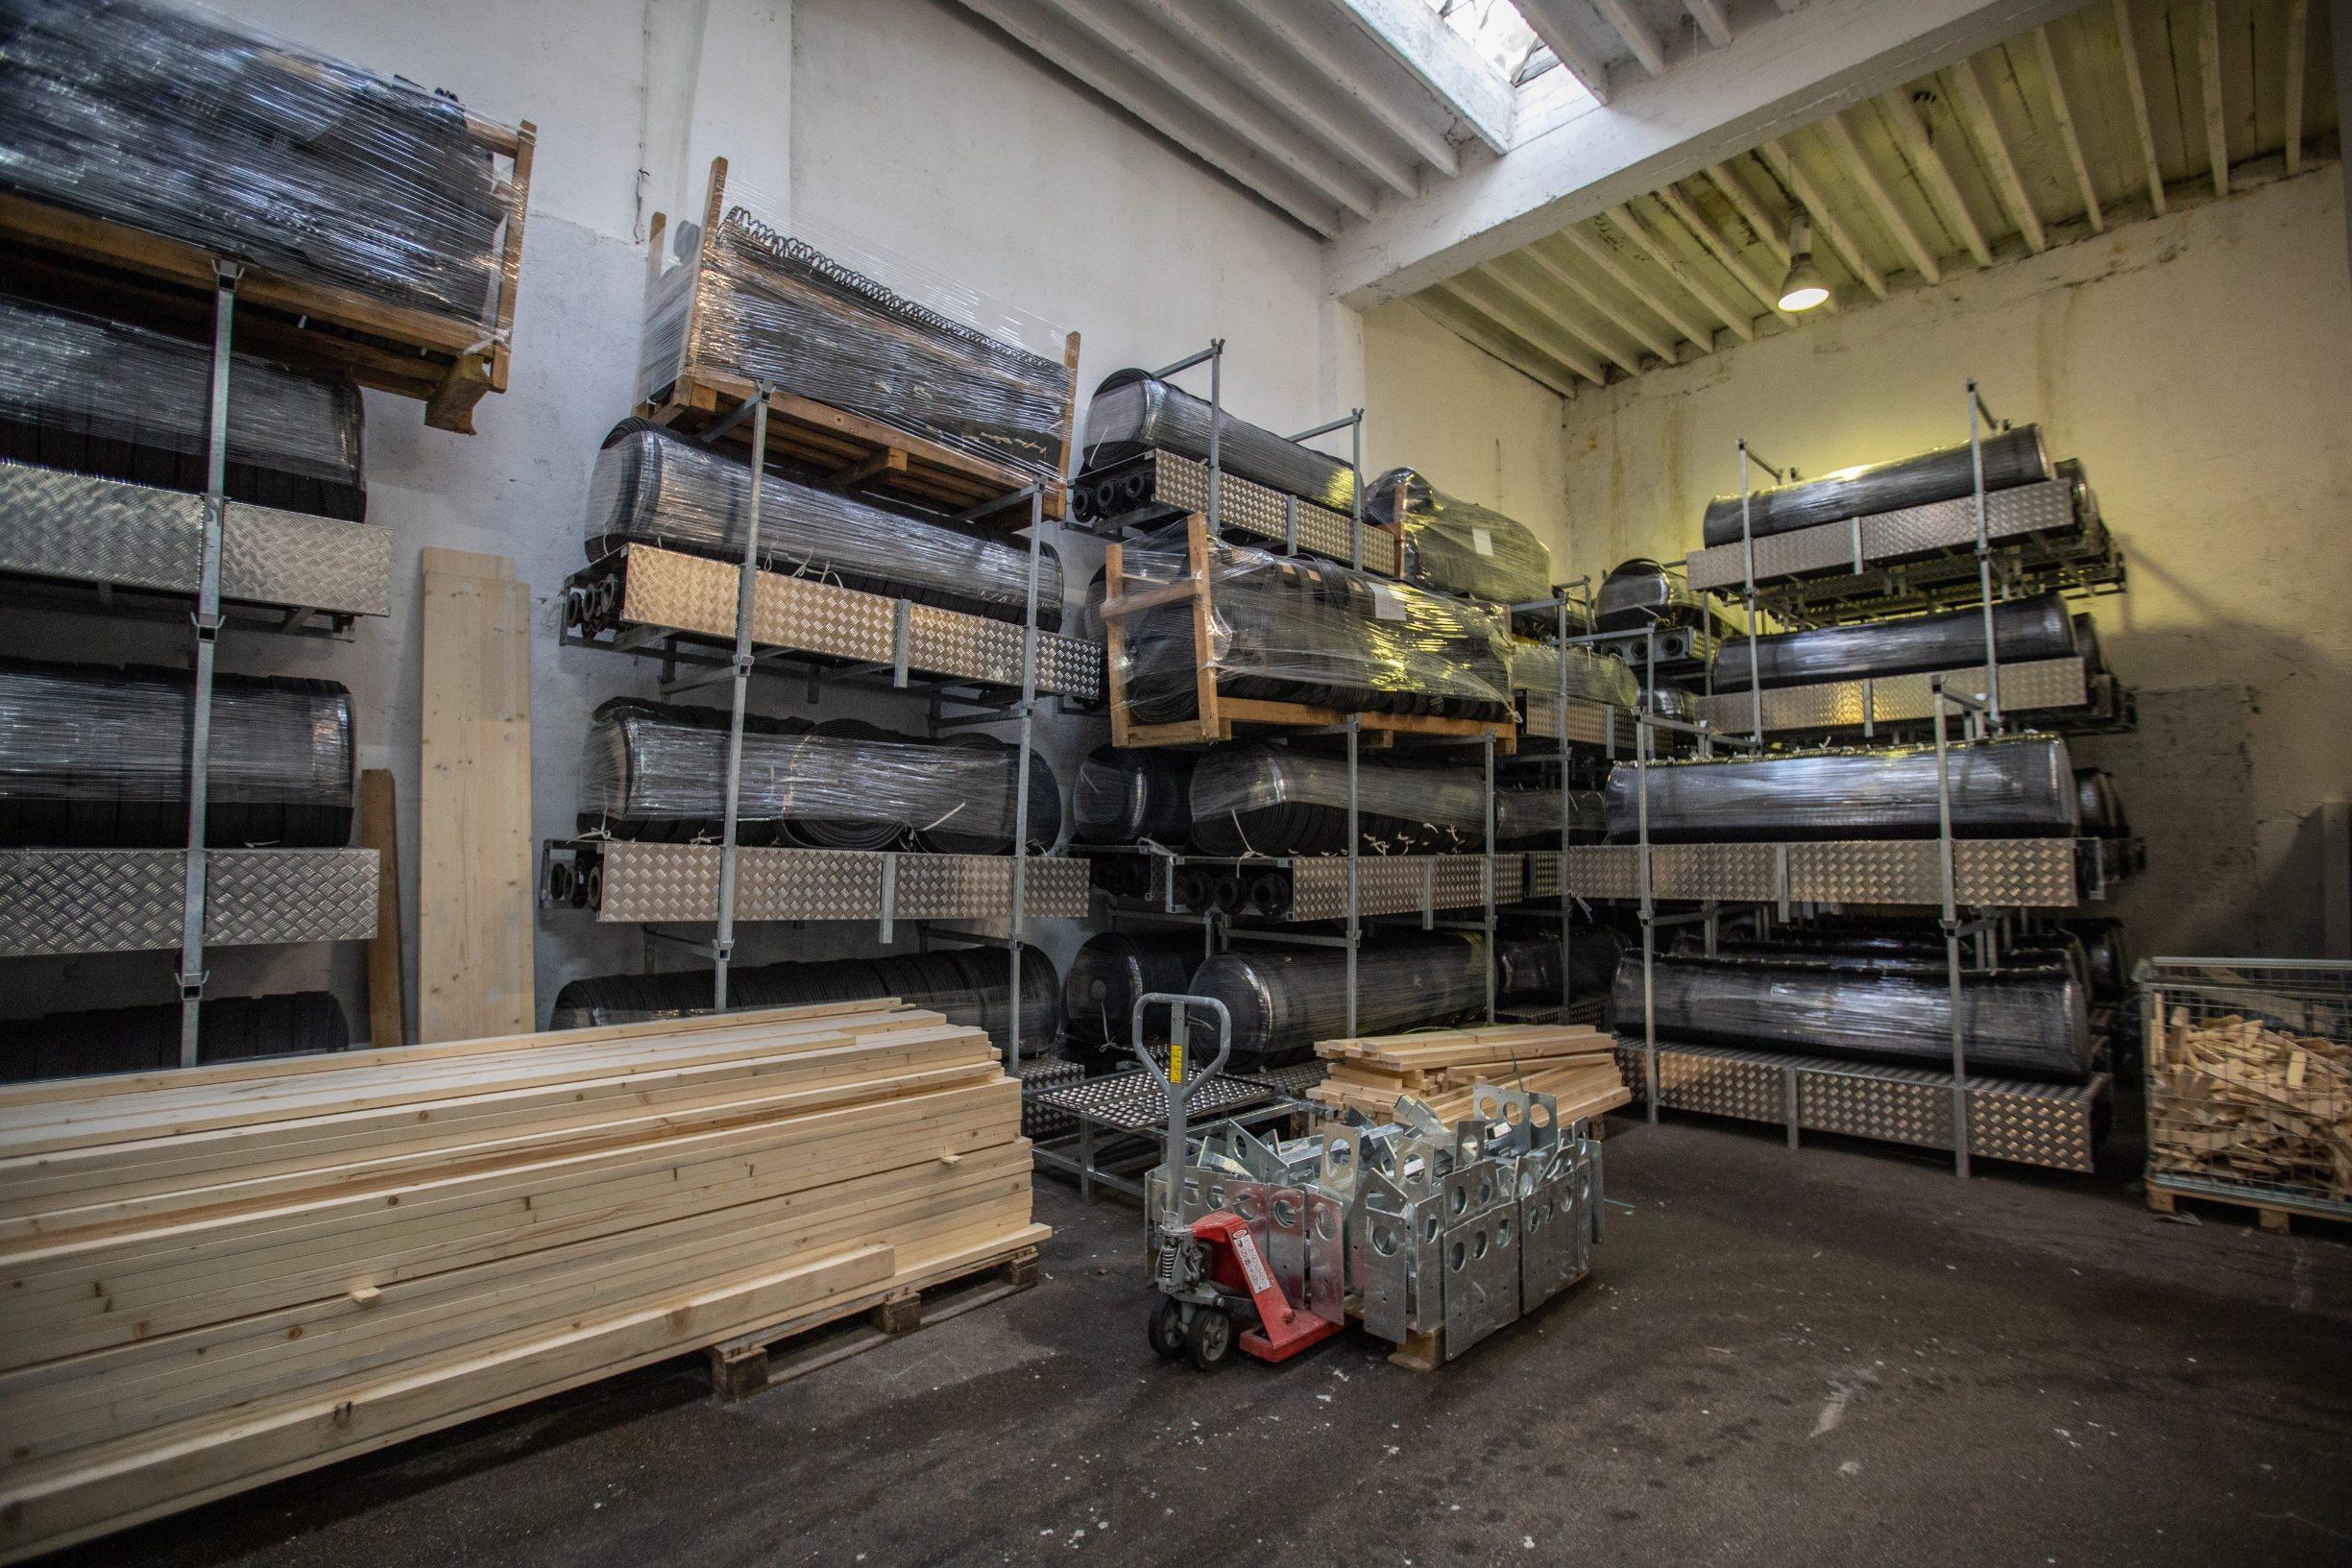 Rijeka, 131119. Tvrtka Arctic proizvodi led za klizalista. Ove godine opskrbljuje cak 70-ak klizalista. Na fotografiji: detalji skladista. Foto: Matija Djanjesic / CROPIX